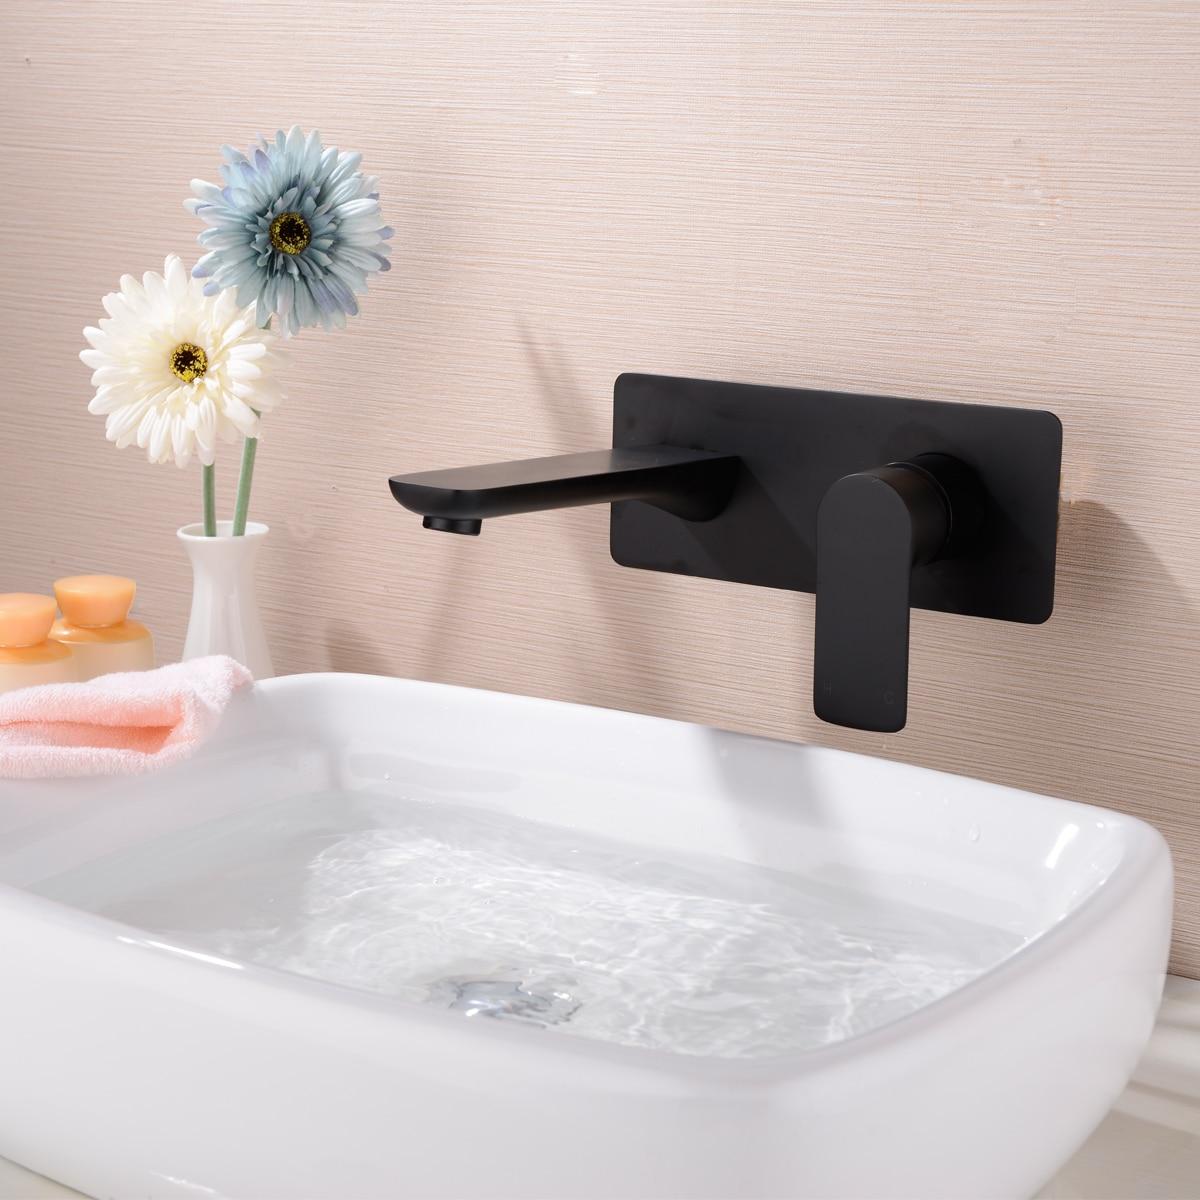 Robinet de lavabo dissimulé noir tout cuivre robinet de type mural mélangeur chaud et froid robinet mural caché